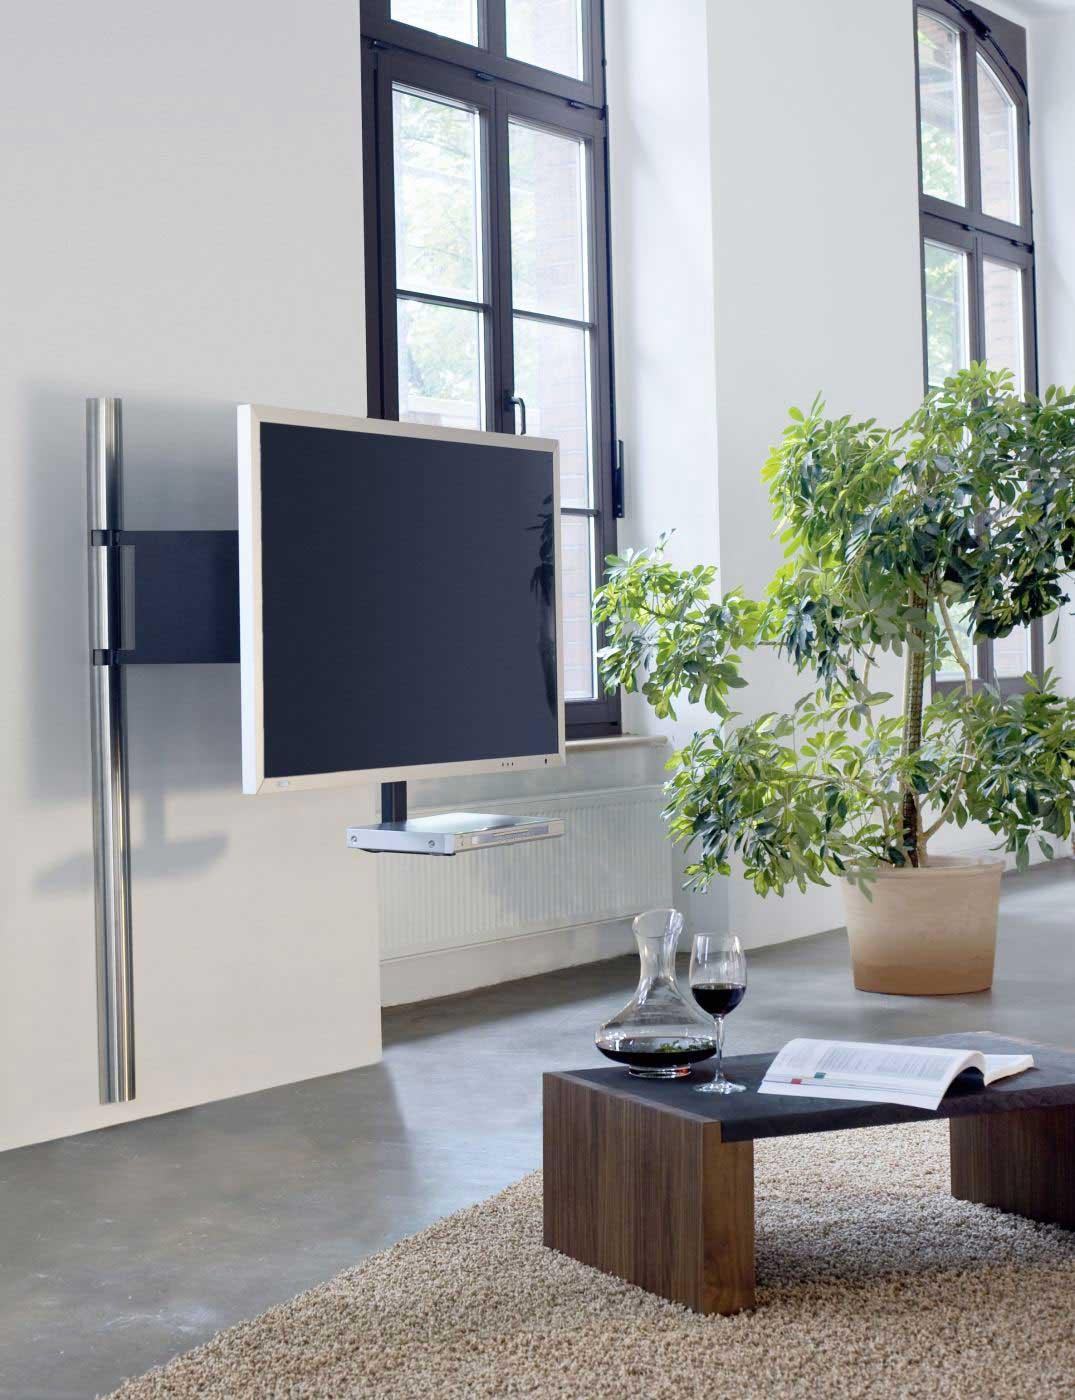 Угловые кронштейны для телевизора на стену 17 фото как повесить крепление в угол комнаты Поворотные полукруглые и другие виды крепежа